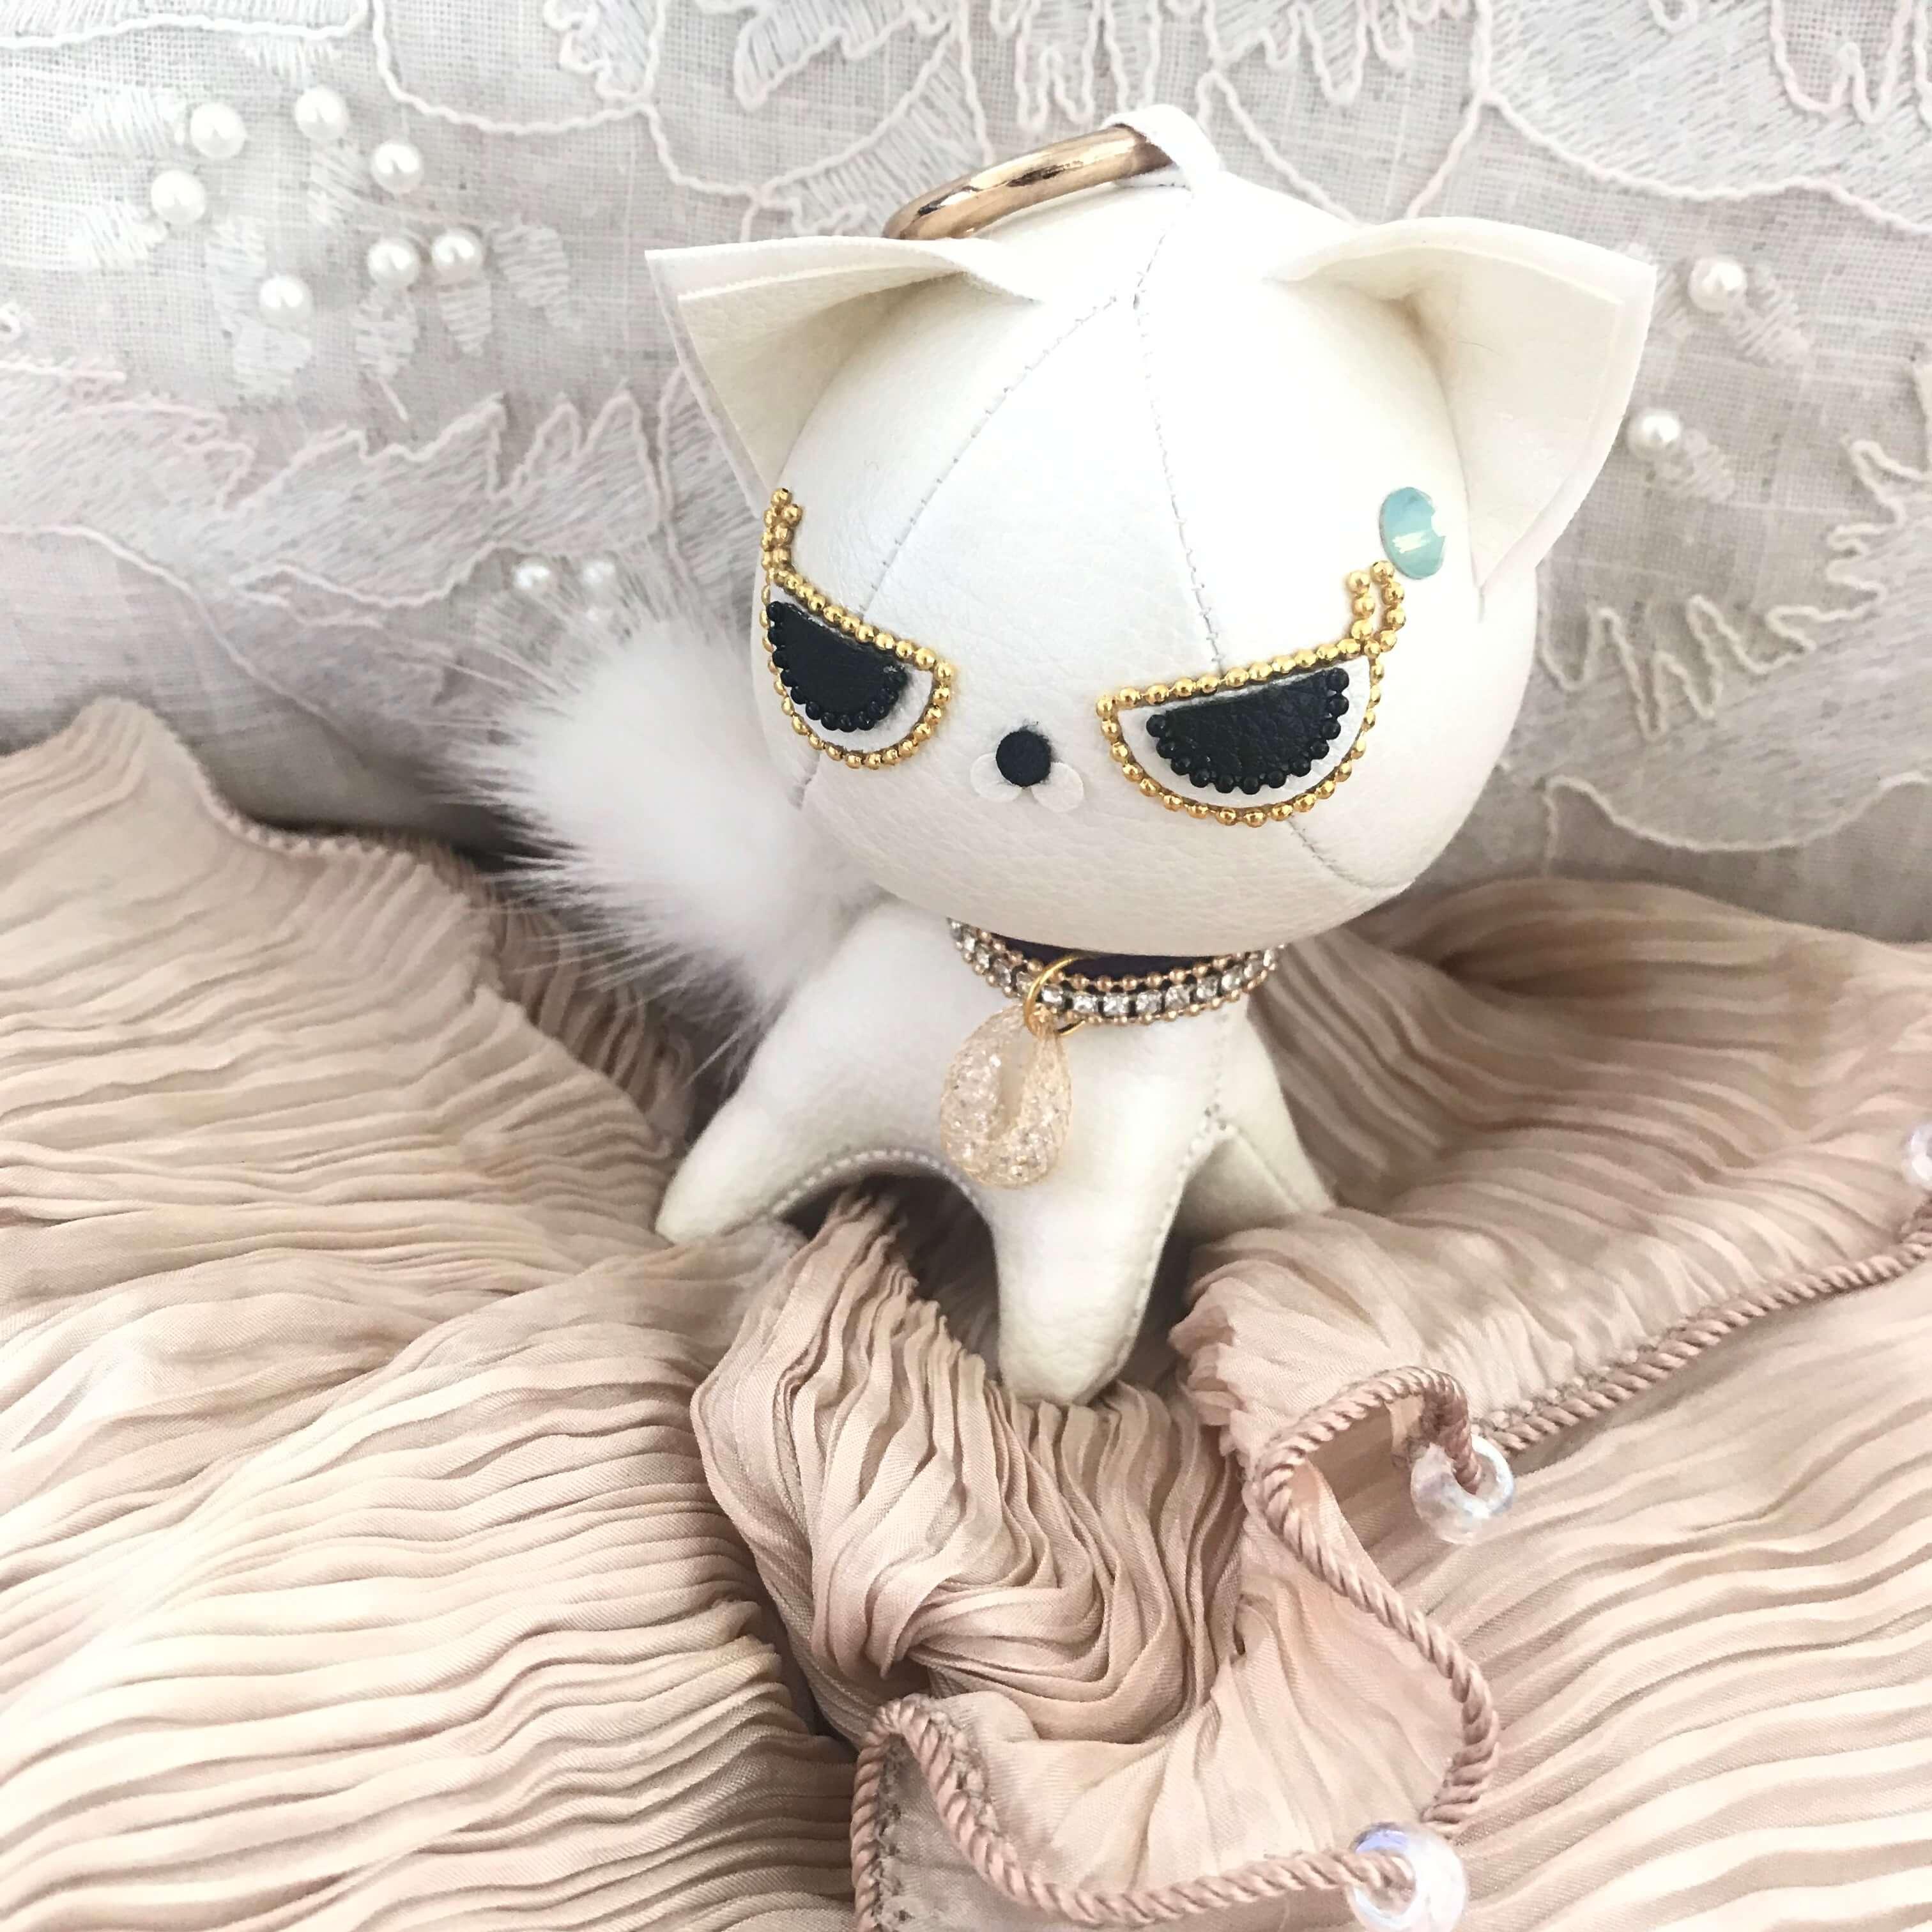 スピリチュアルな能力を持った猫の代替としての合皮で作られた白猫